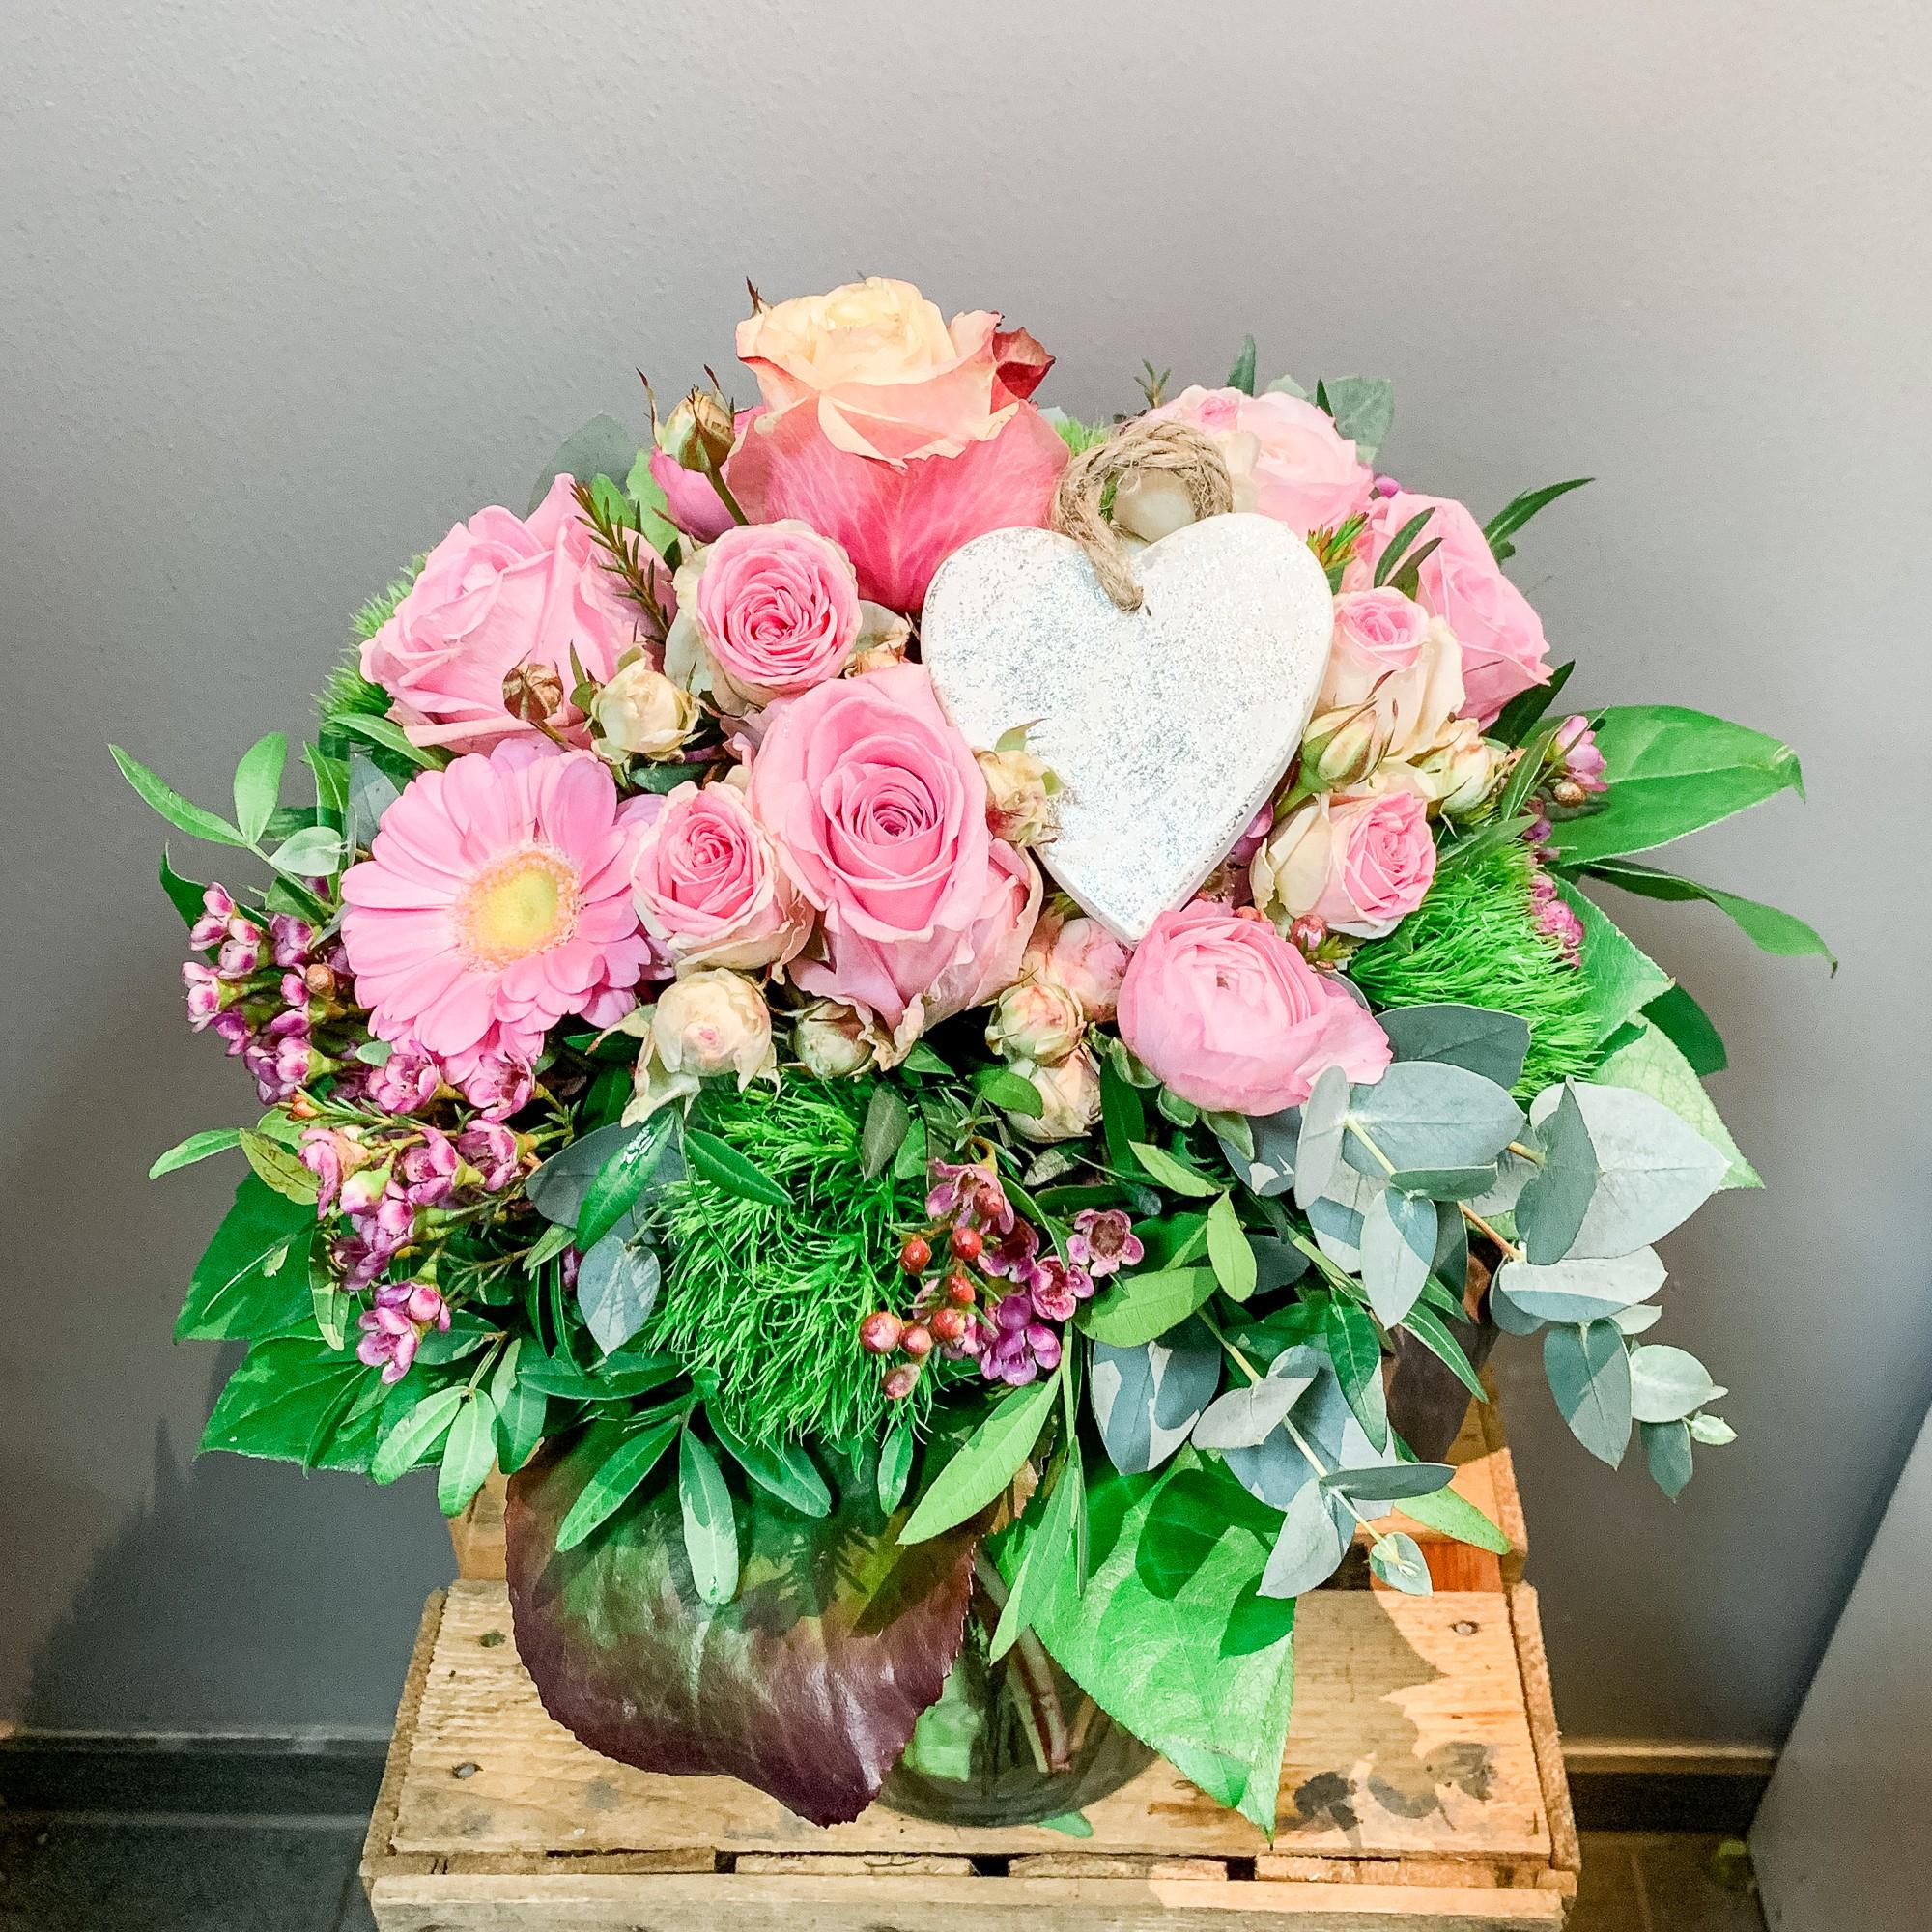 Gemischter Strauß in rosa Tönen mit Herz Bild 1